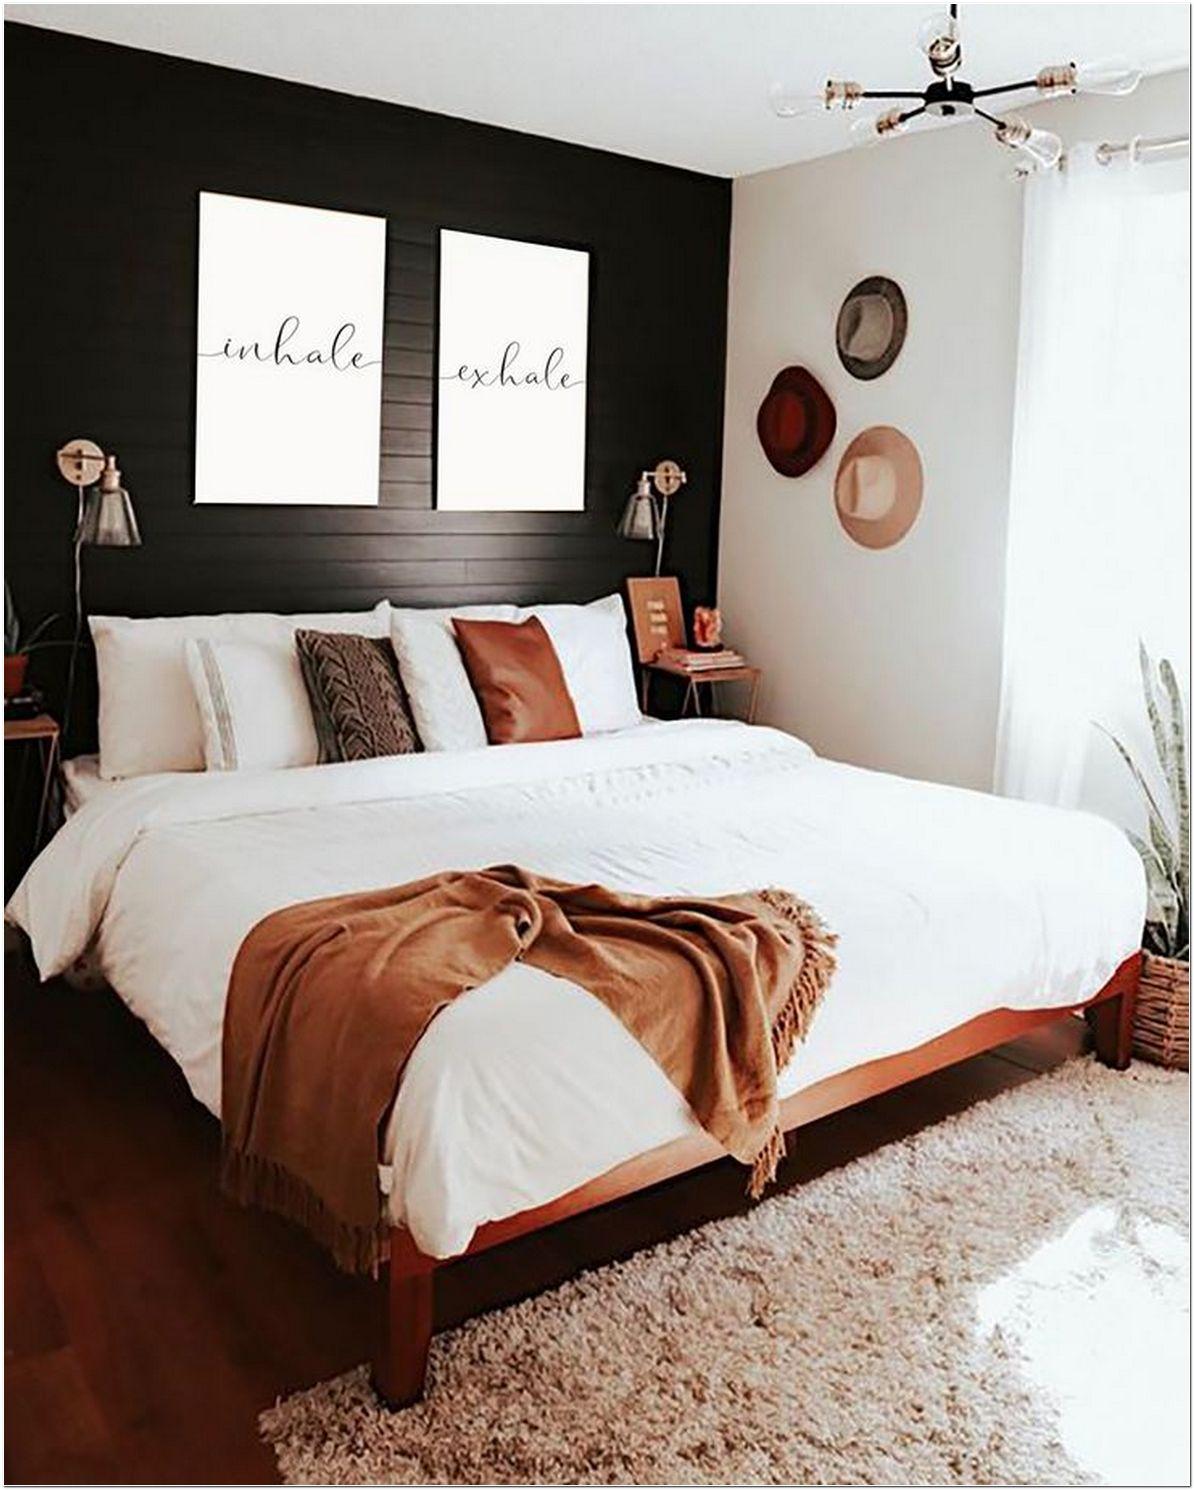 83-Bedroom-Makeover-Ideas-5.jpg